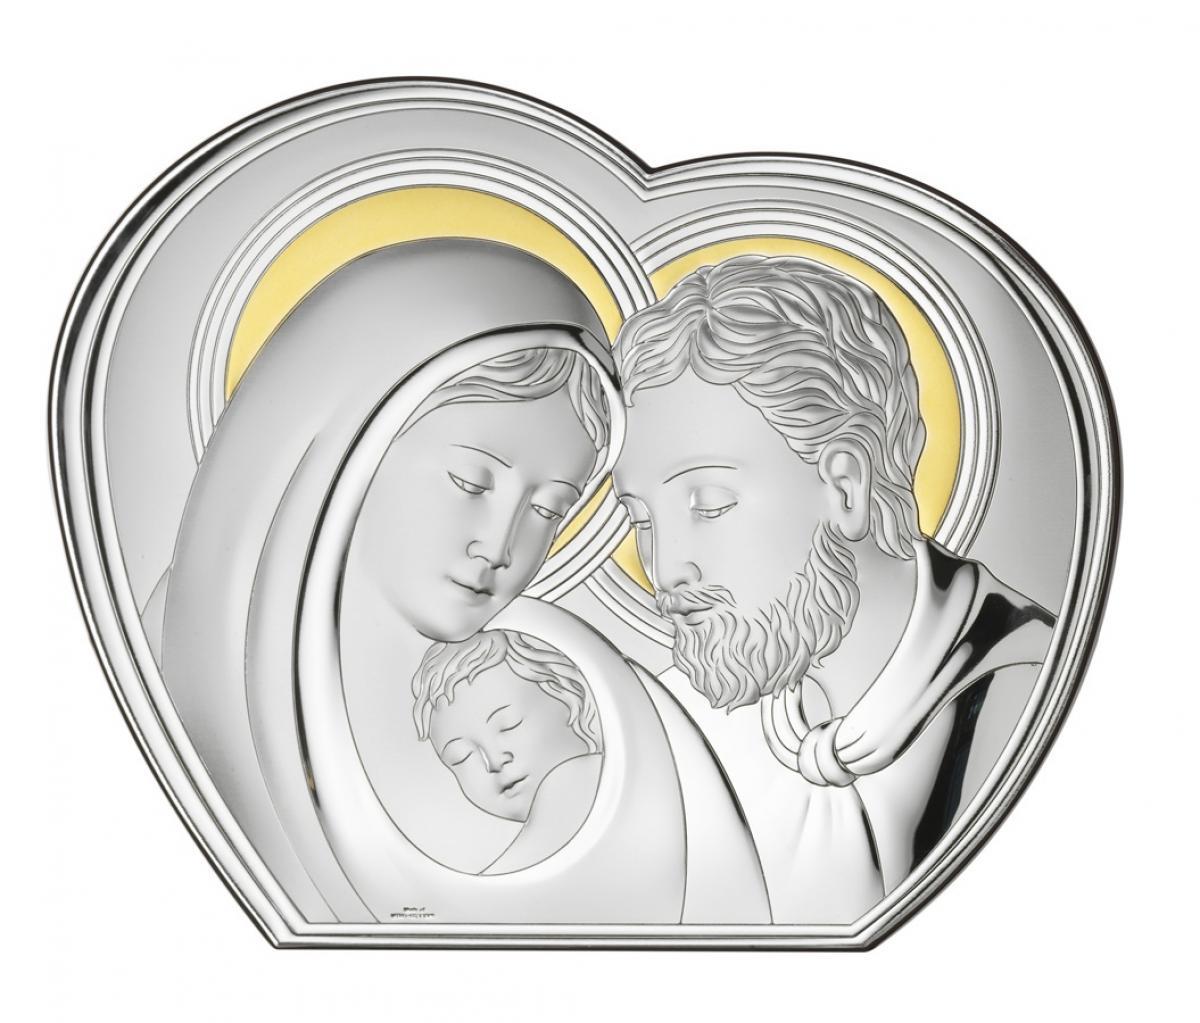 Ікона срібна ``Свята Родина`` 20х16см  B2685